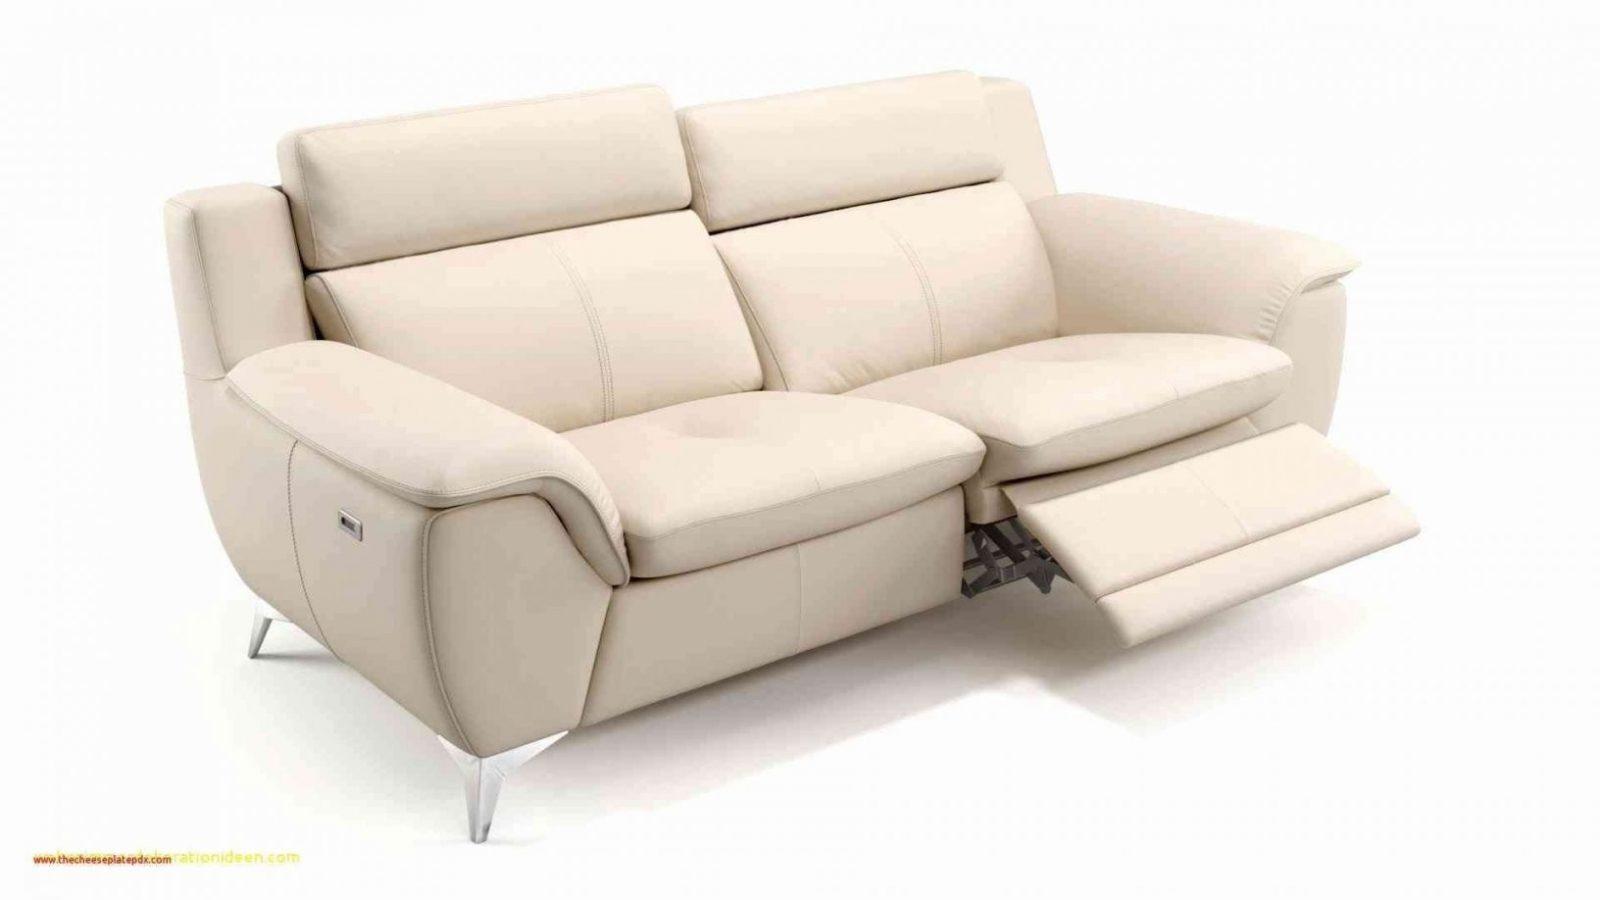 2 Sitzer Sofa Mit Schlaffunktion Bettkasten Luxus 36 Schön 2 Sitzer von 2 Sitzer Sofa Mit Schlaffunktion Bettkasten Photo